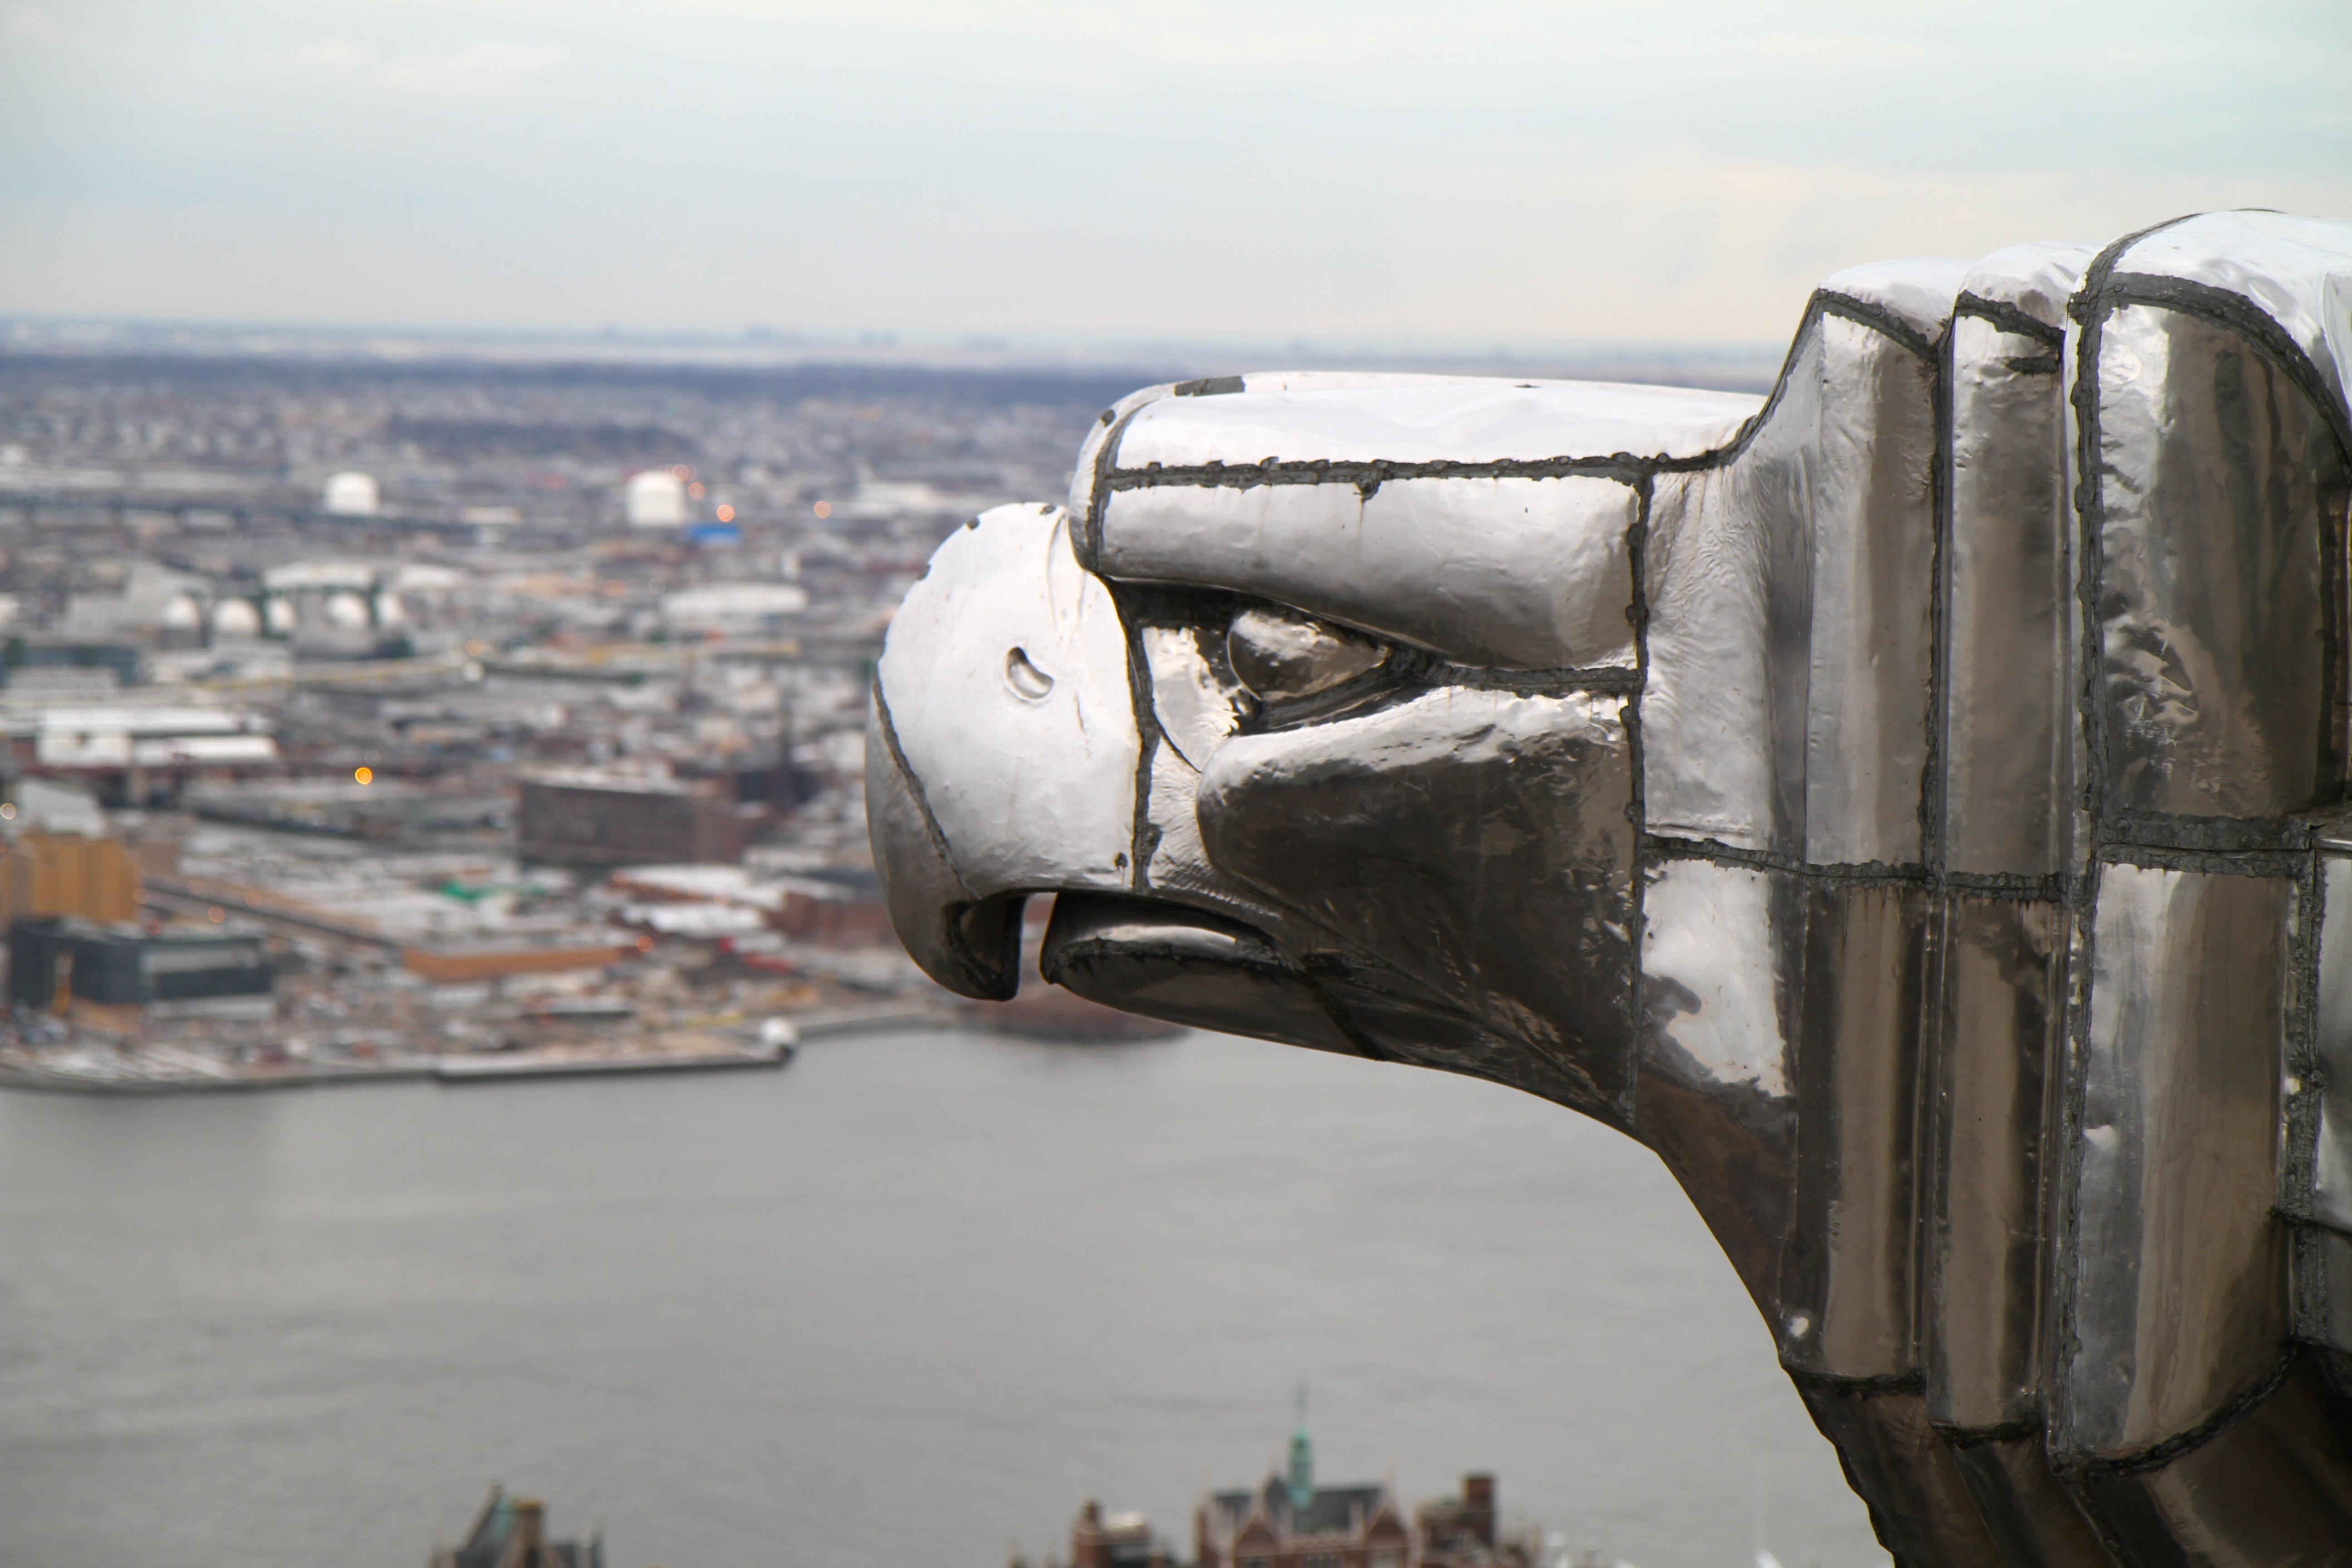 File:Chrysler Building eagle detail.jpg - Wikimedia Commons